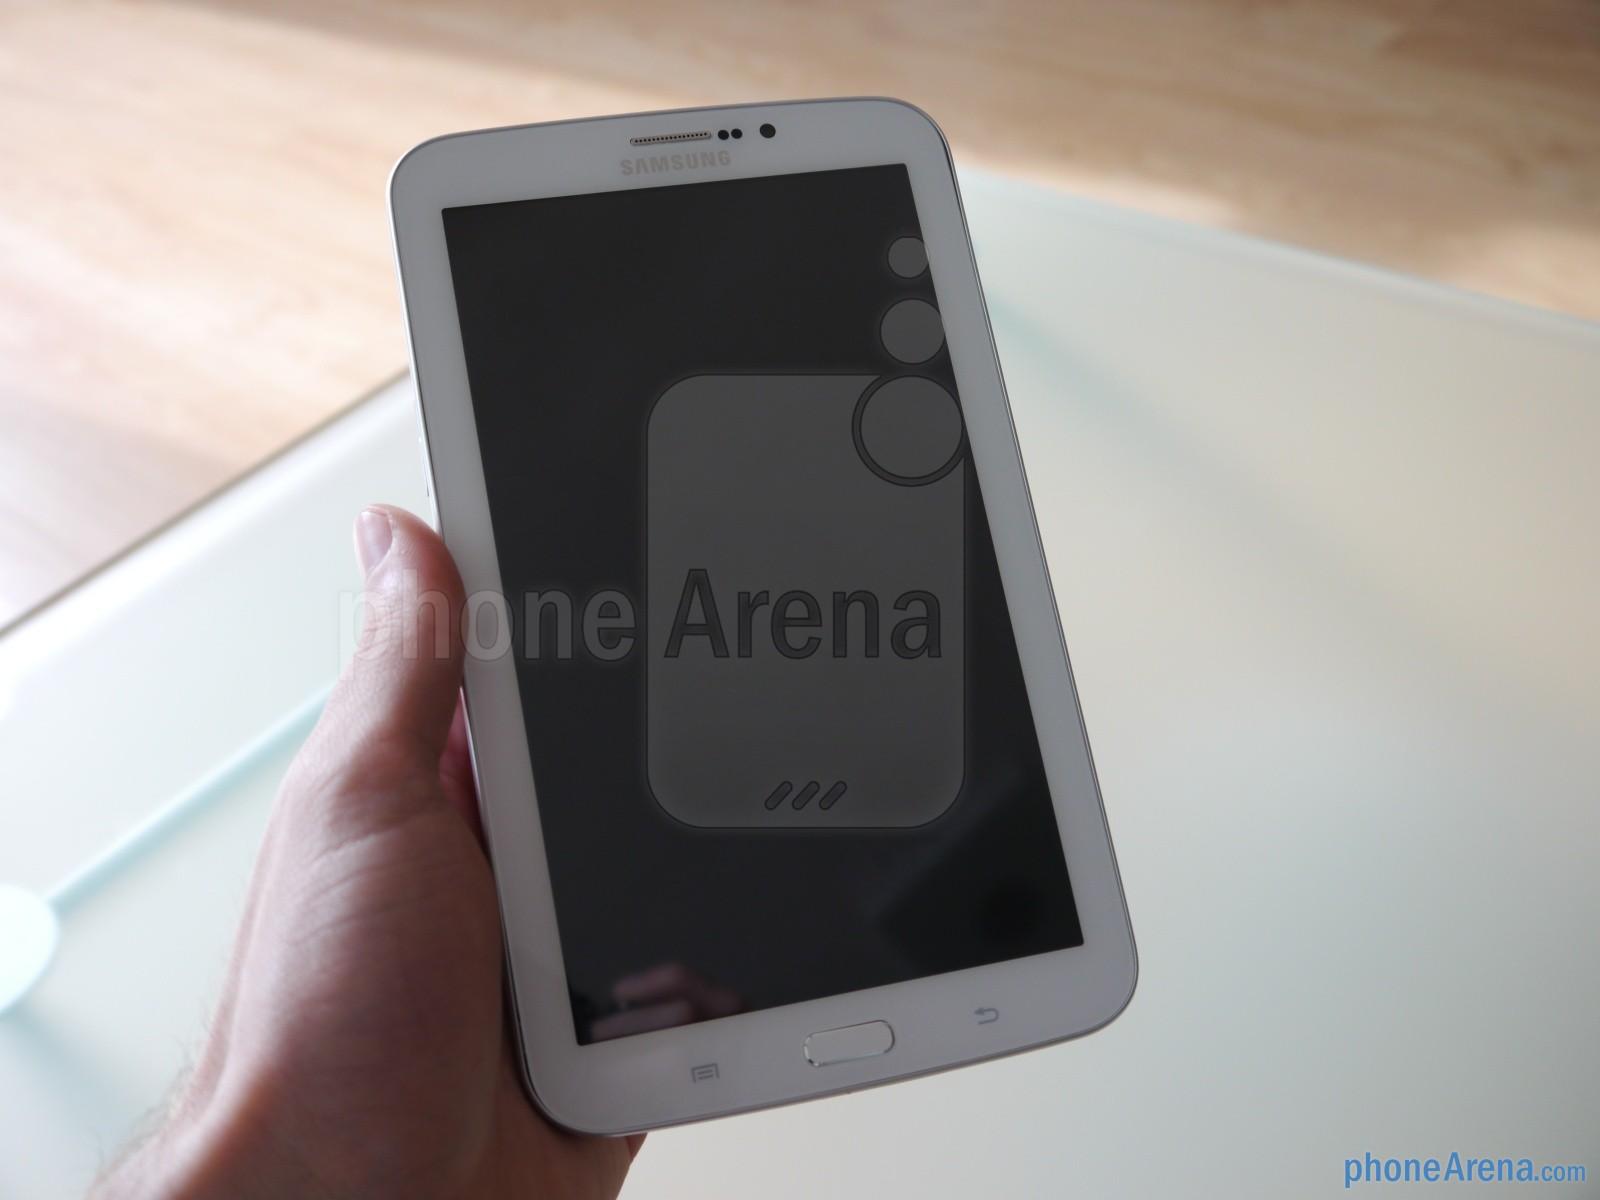 Samsung-Galaxy-Tab-3-7-inch-images